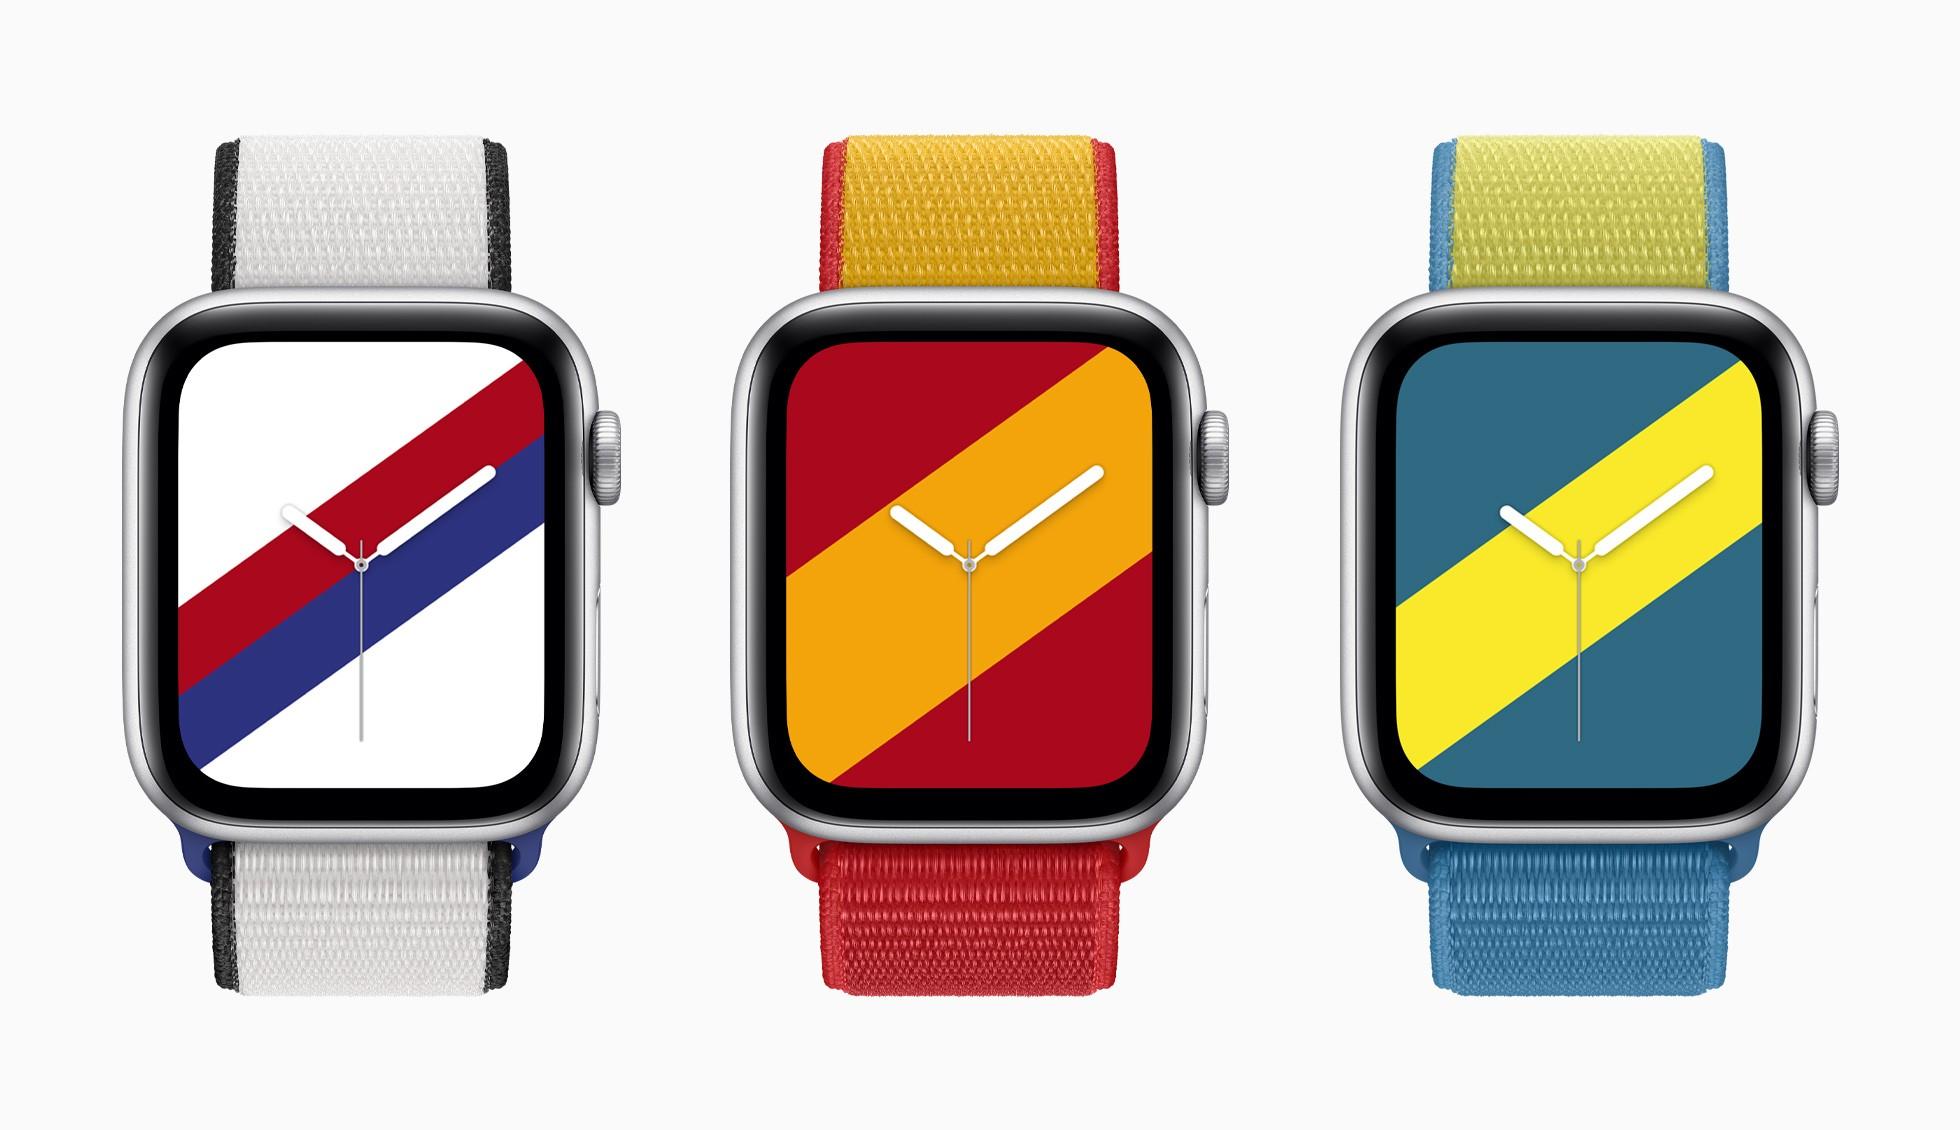 К Олимпиаде Apple выпустила международную коллекцию ремешков для Apple Watch в цветах 22 стран (там нет Украины, но есть Швеция) - ITC.ua